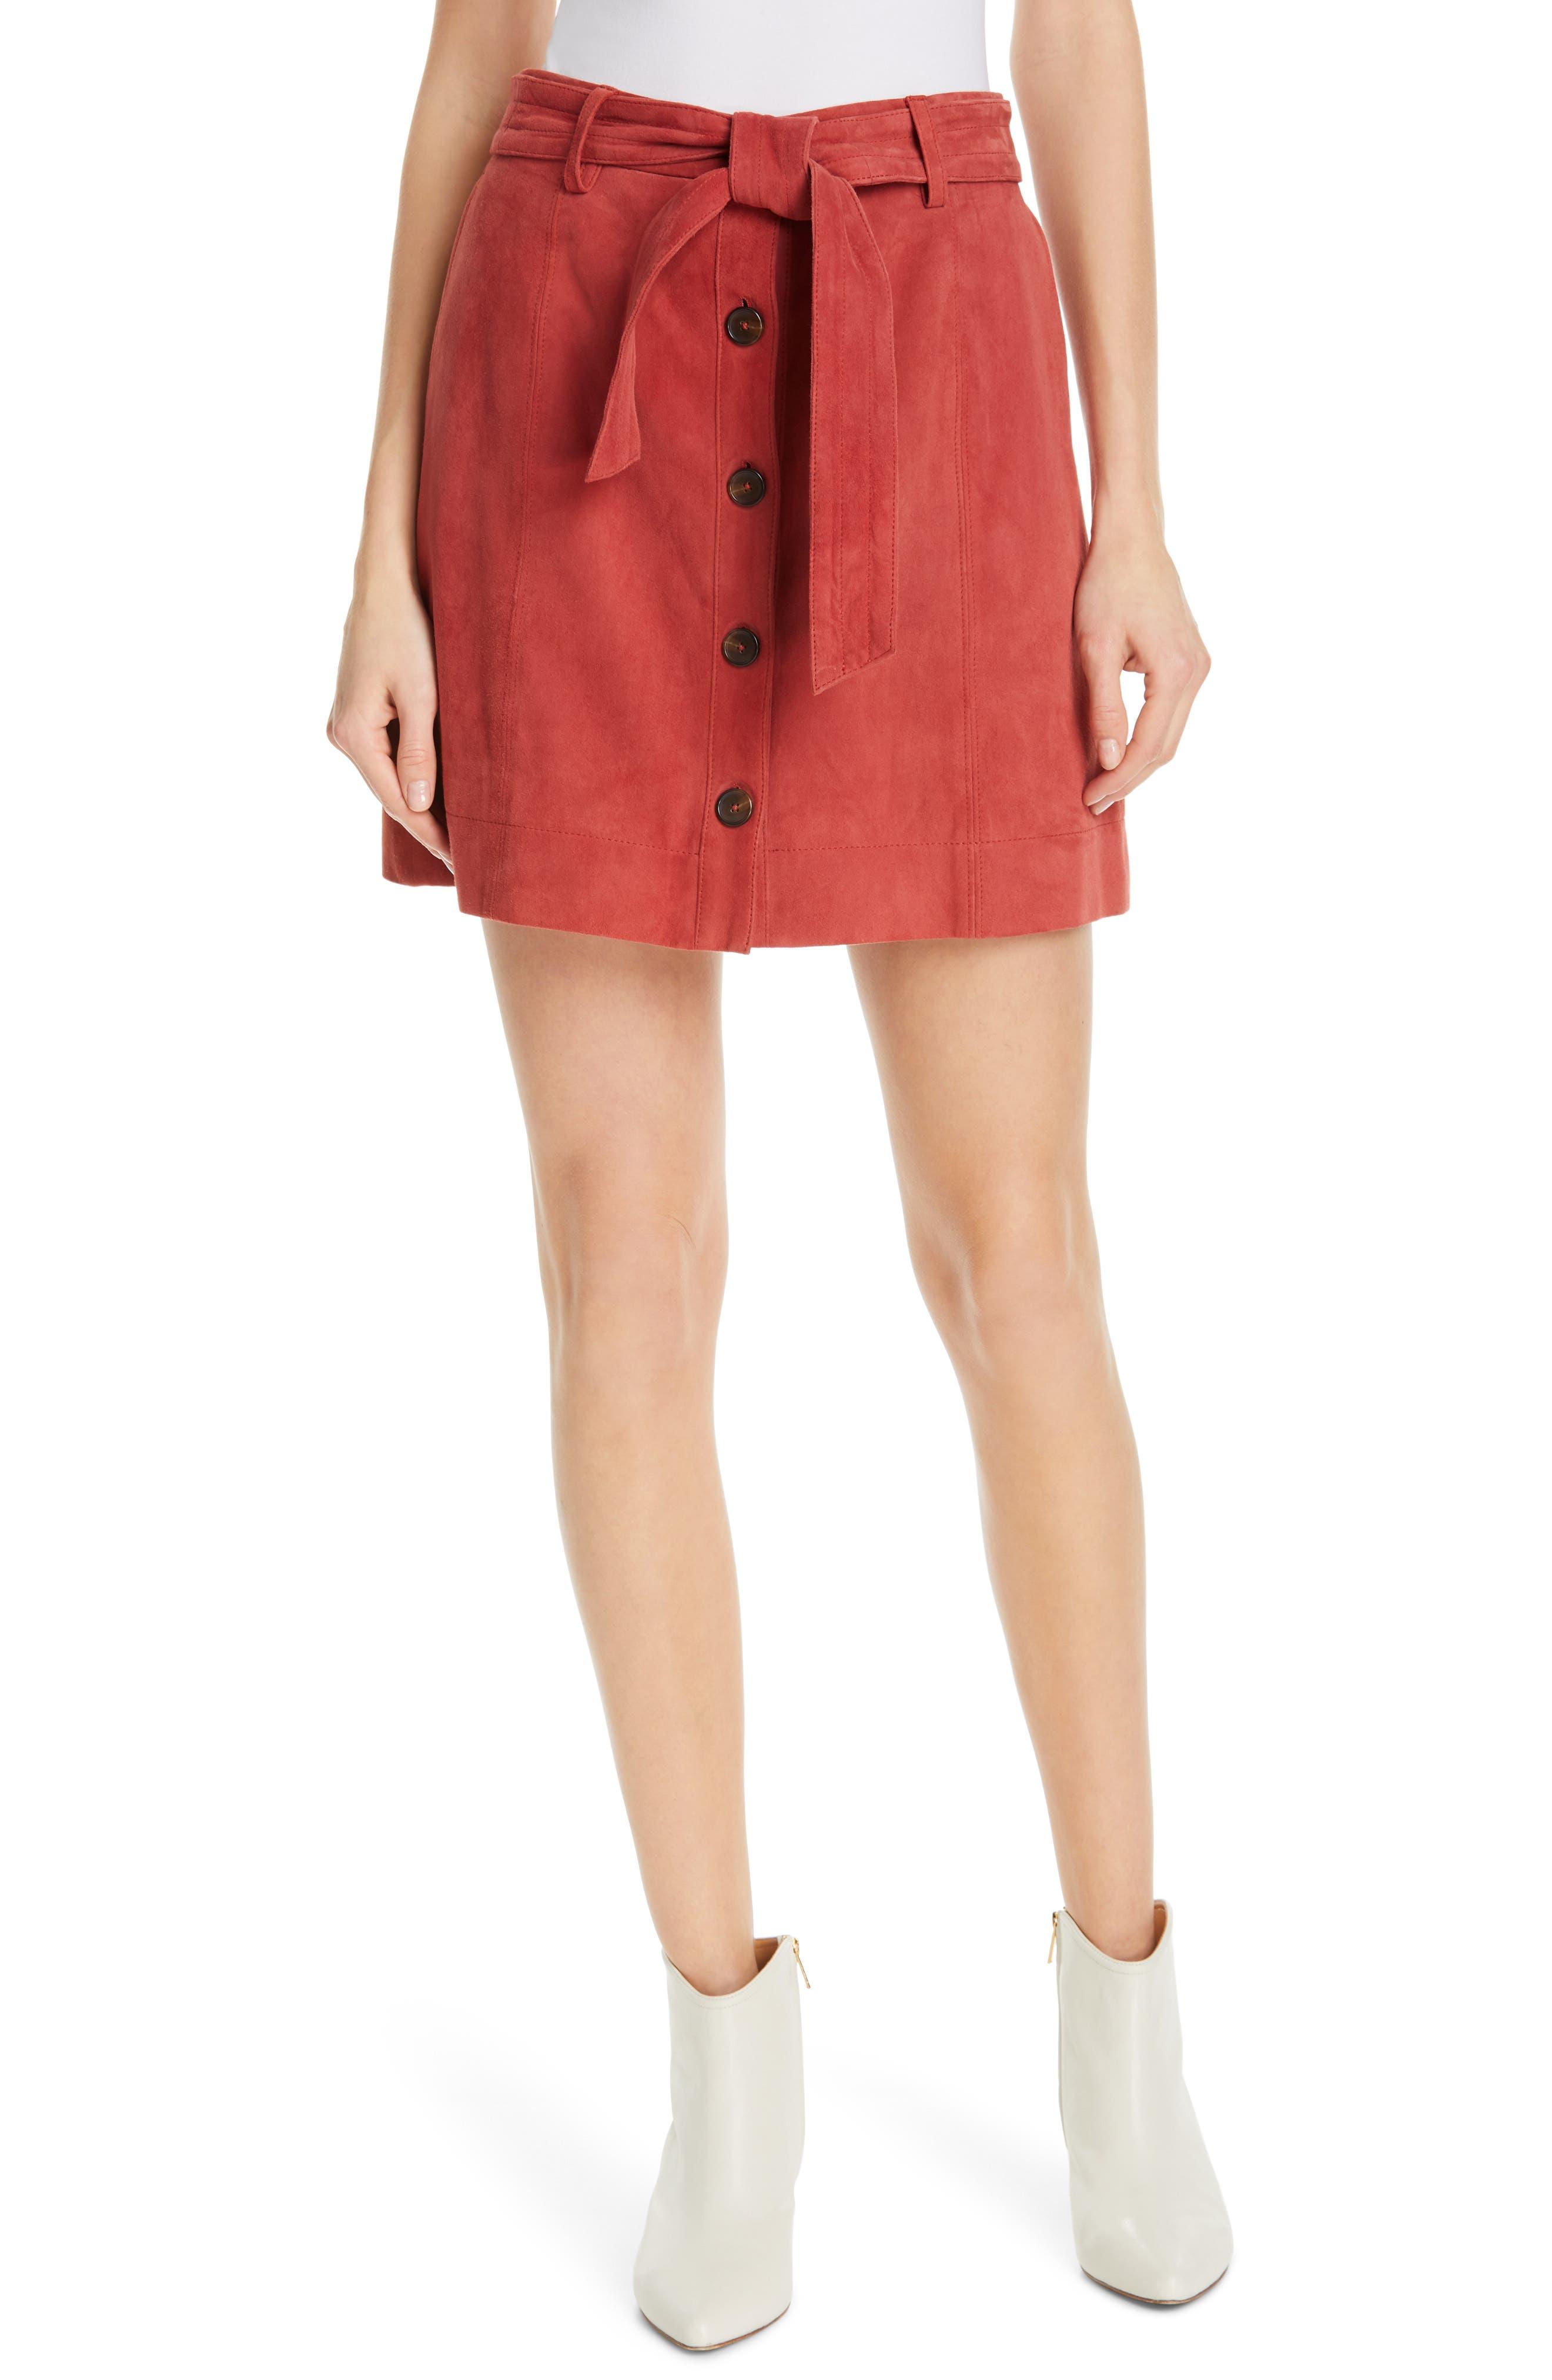 JOIE, Neida Suede Miniskirt, Main thumbnail 1, color, DESERT SPICE